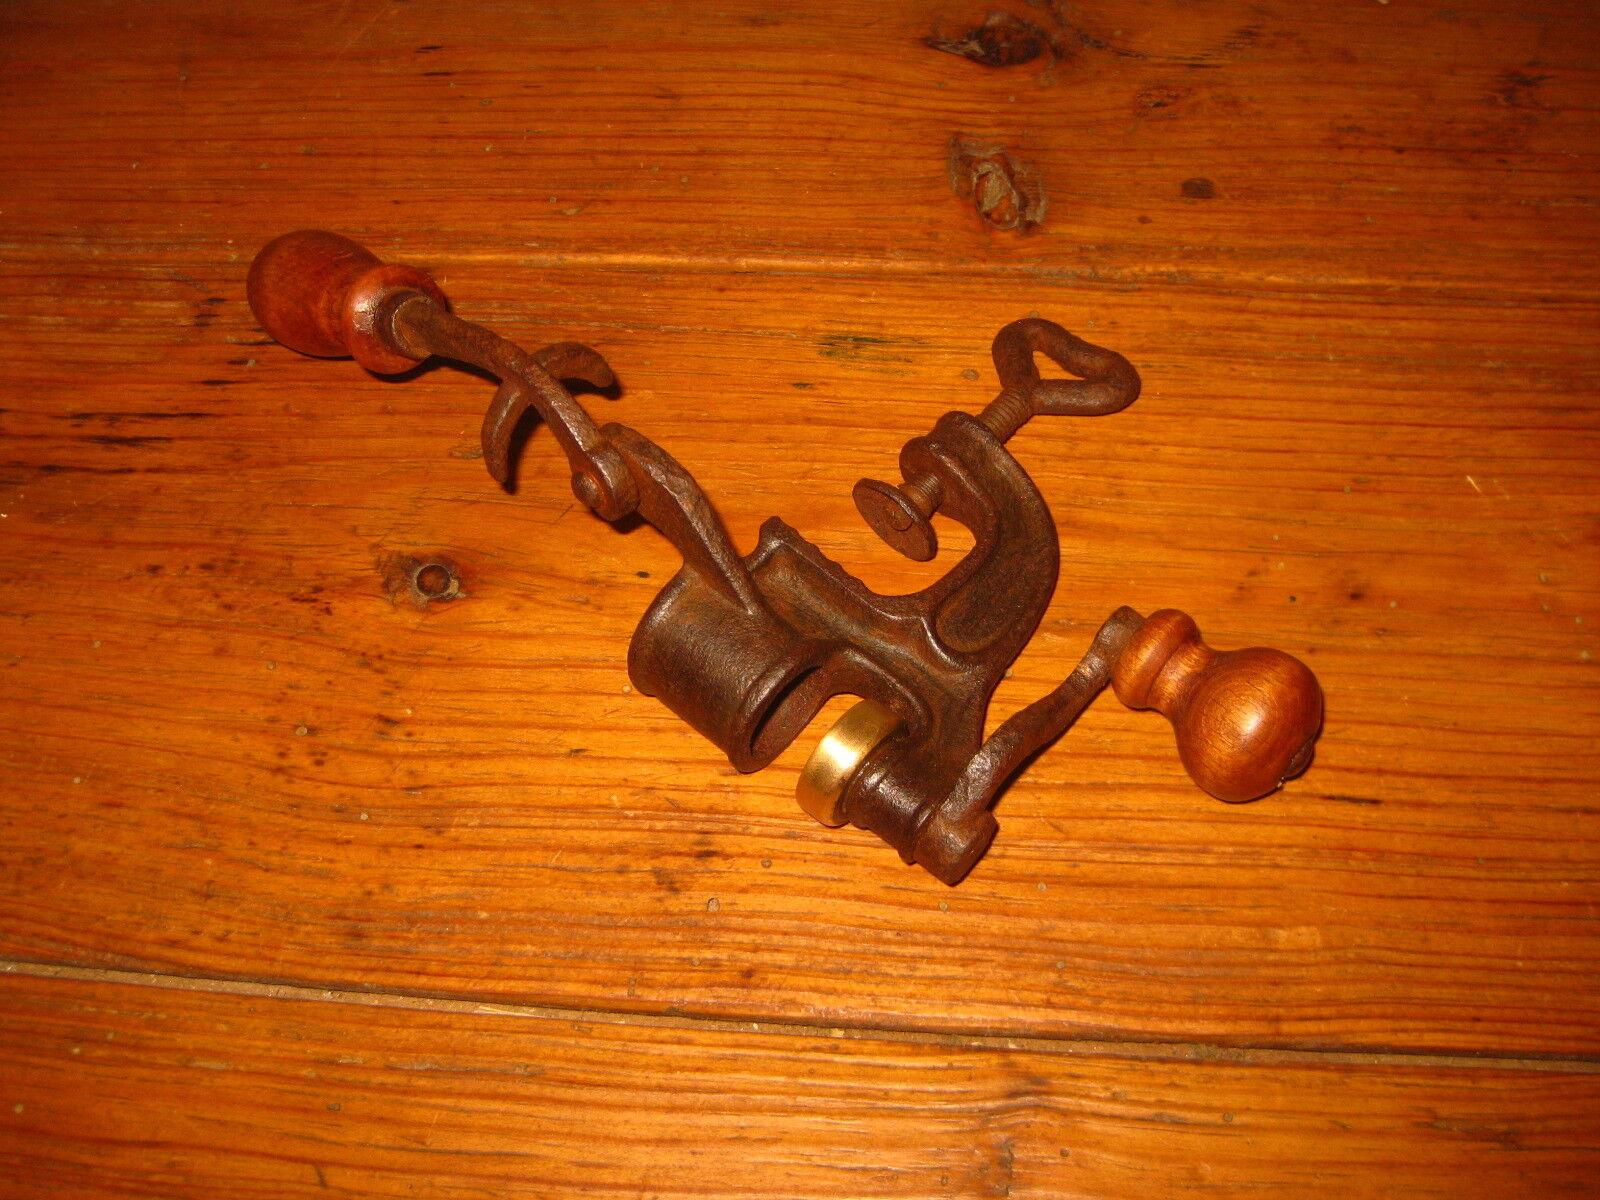 Latón Antiguo de Hierro y herramienta de cartucho de escopeta Recargador recarga Cargador 1900s